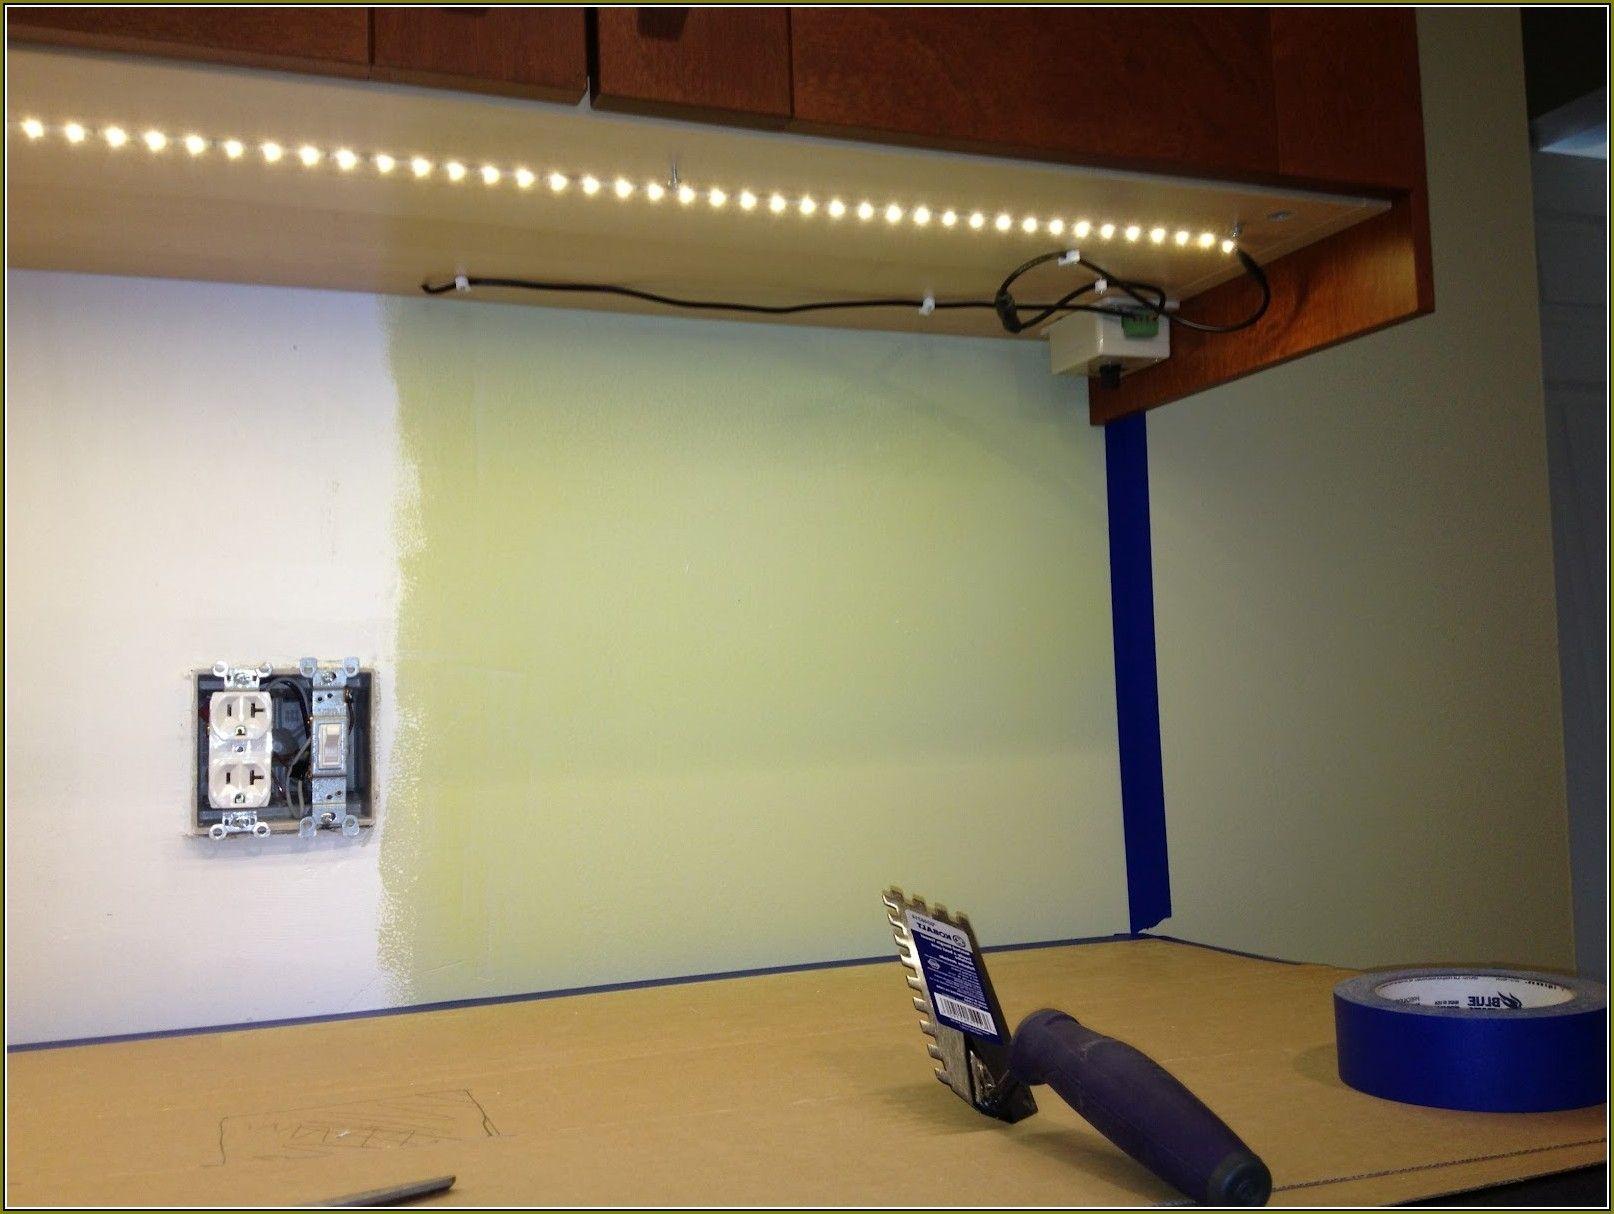 Under Cabinet Led Lights Hardwired